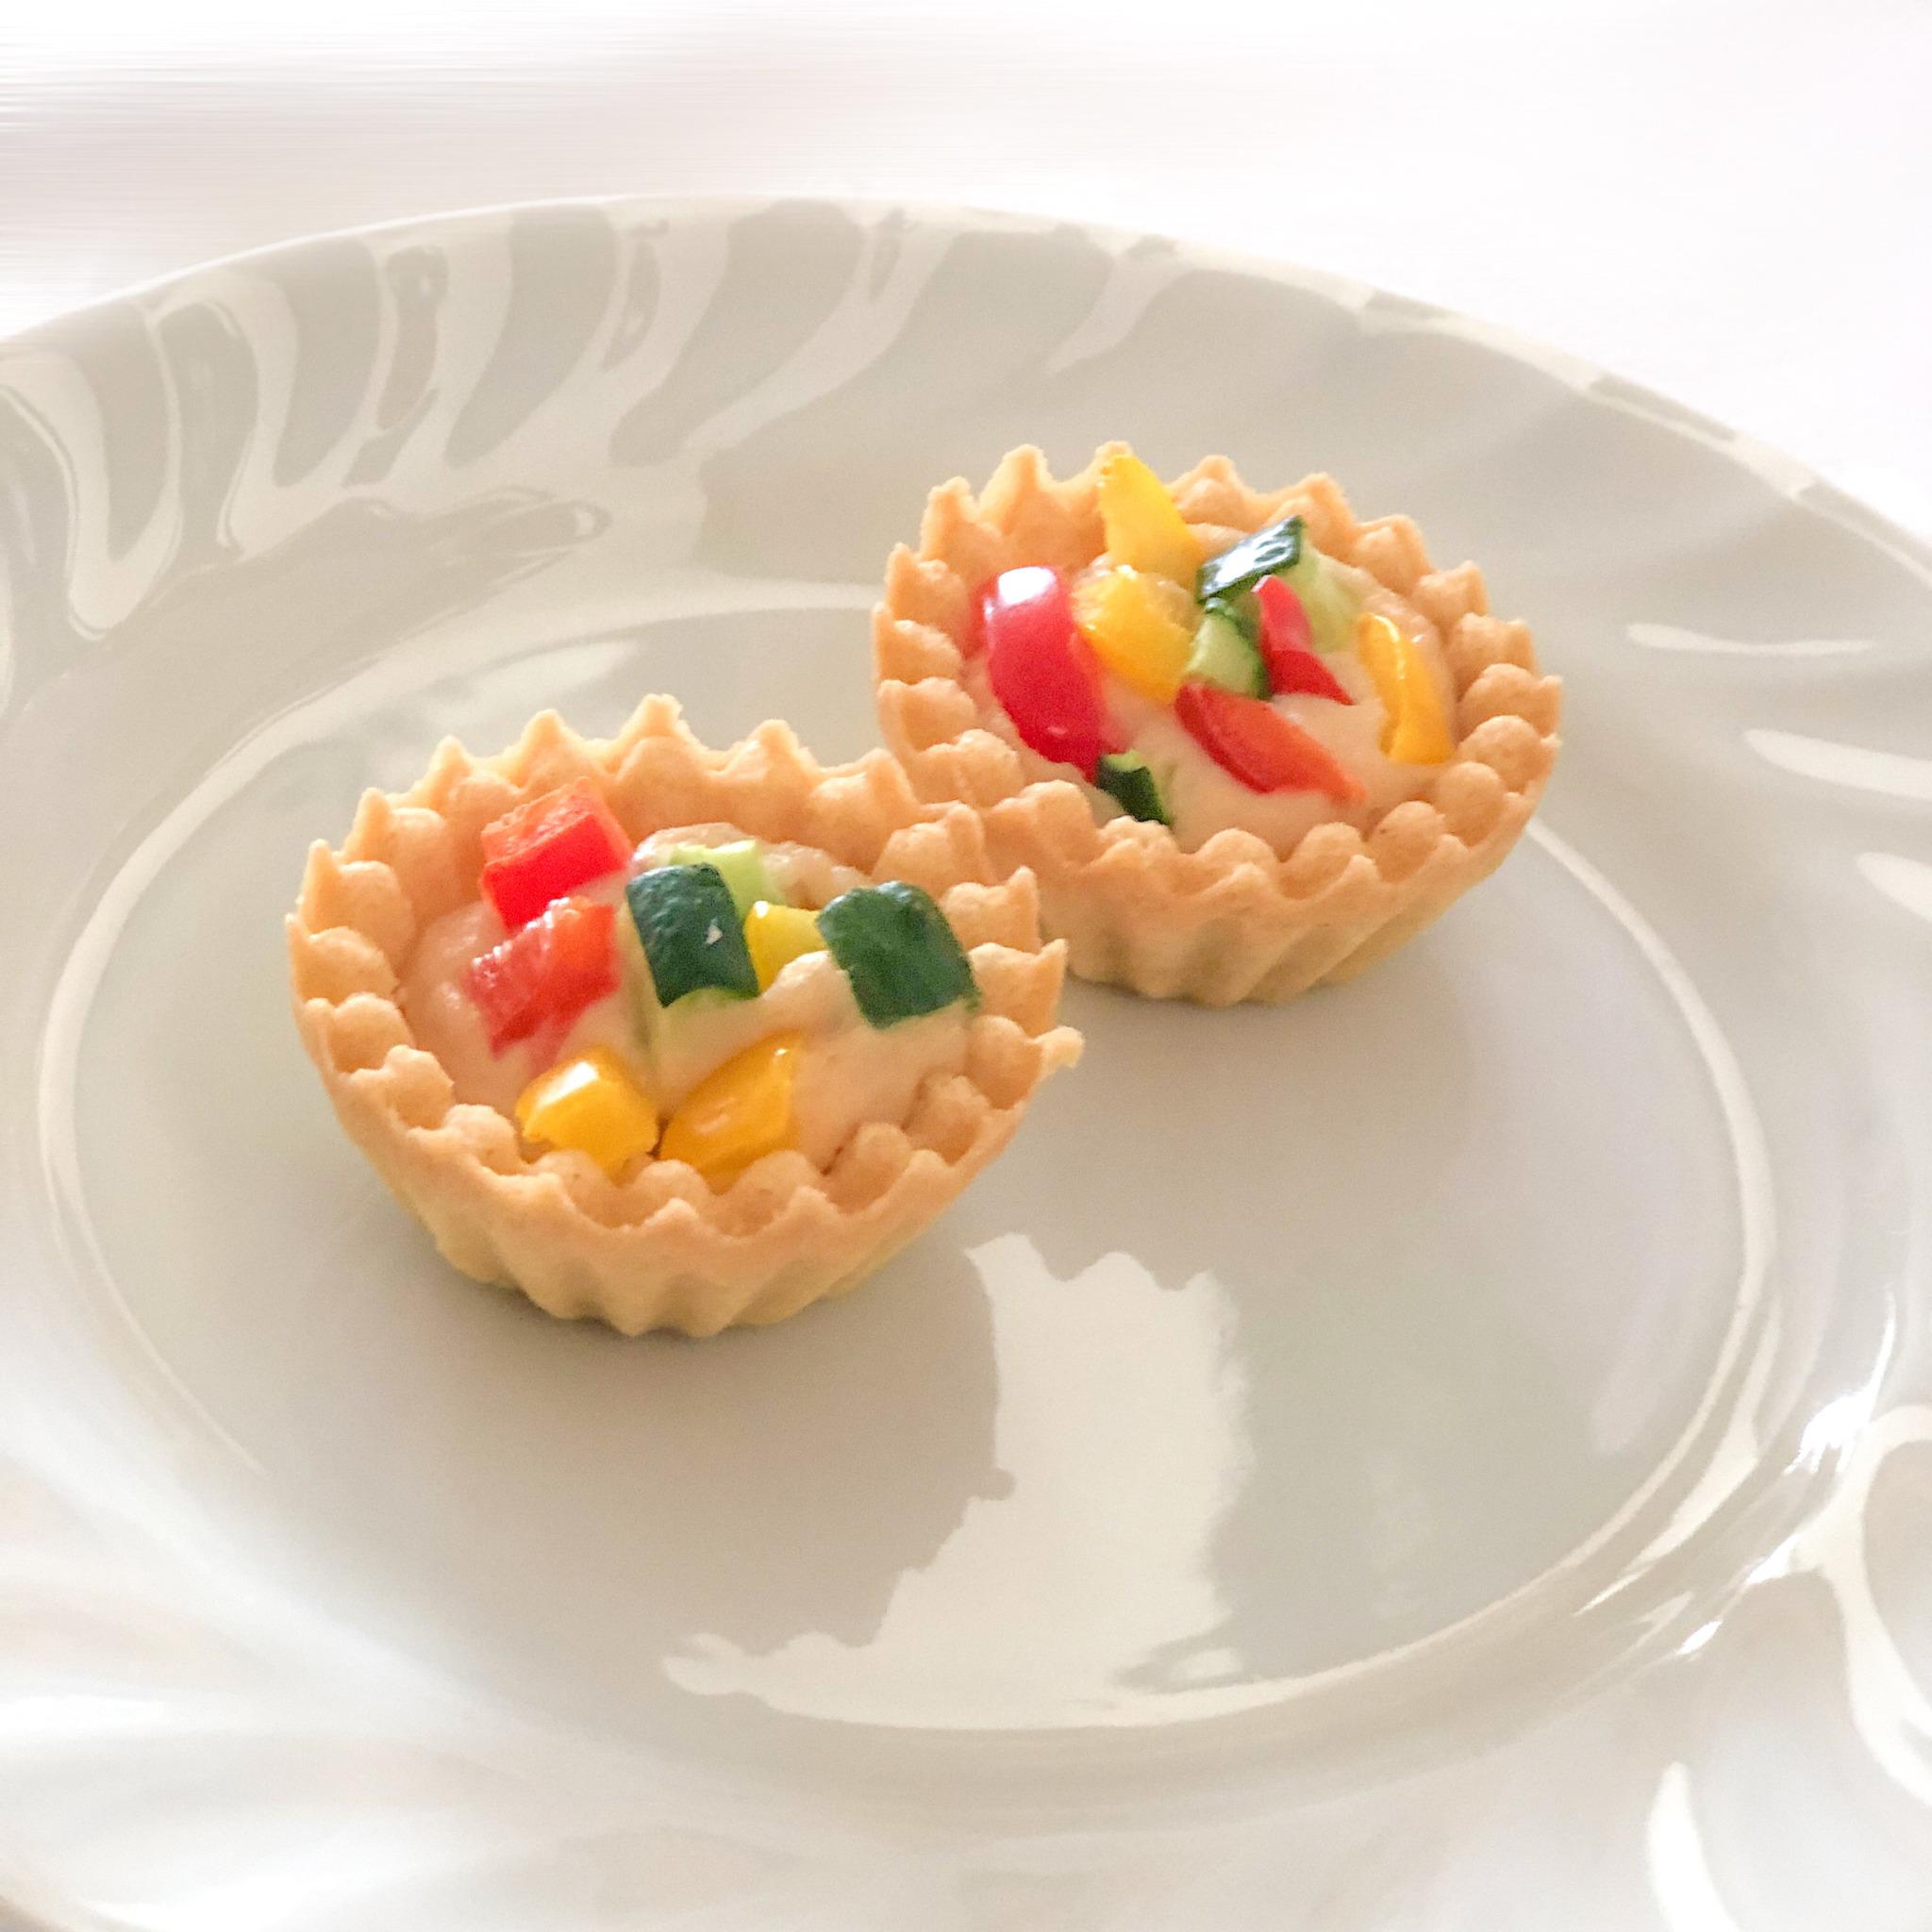 <p>自家製ディップソースと彩野菜を一口サイズのタルトに仕上げた一品。</p>